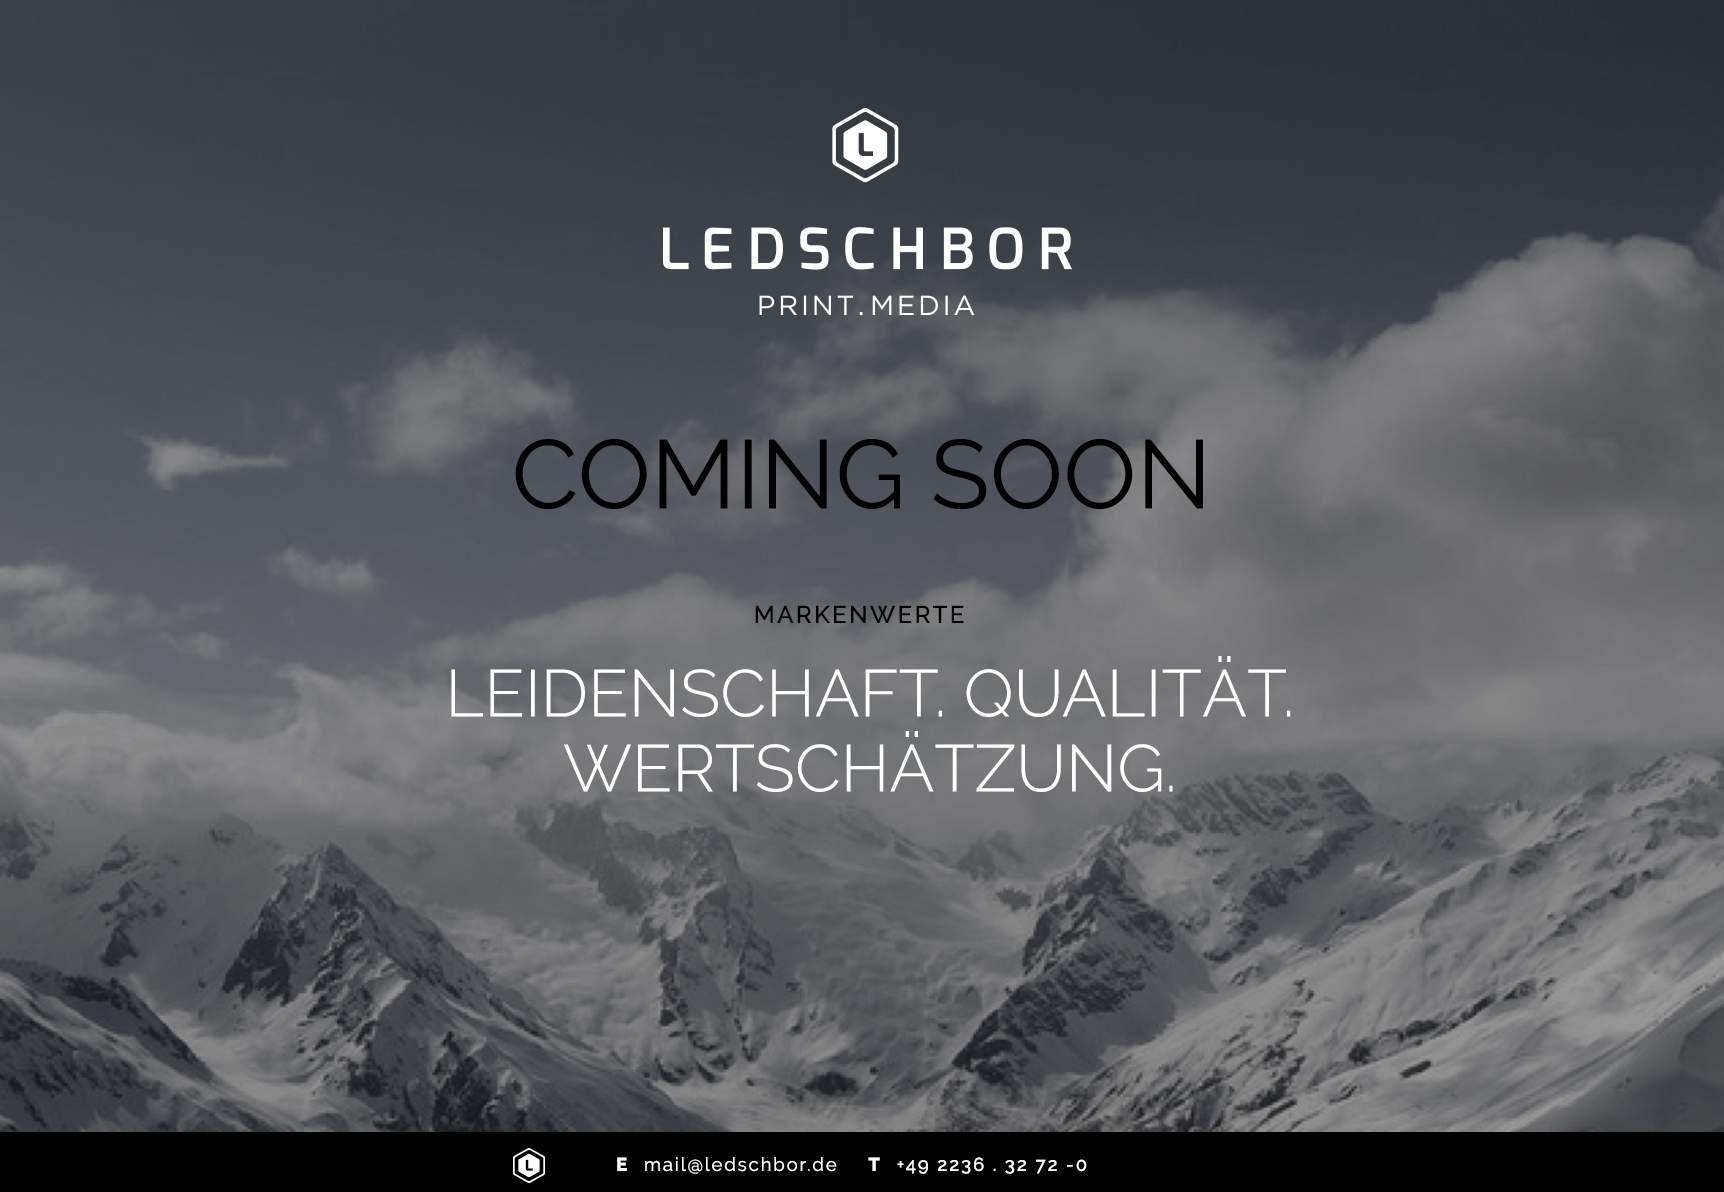 ledschbor.de